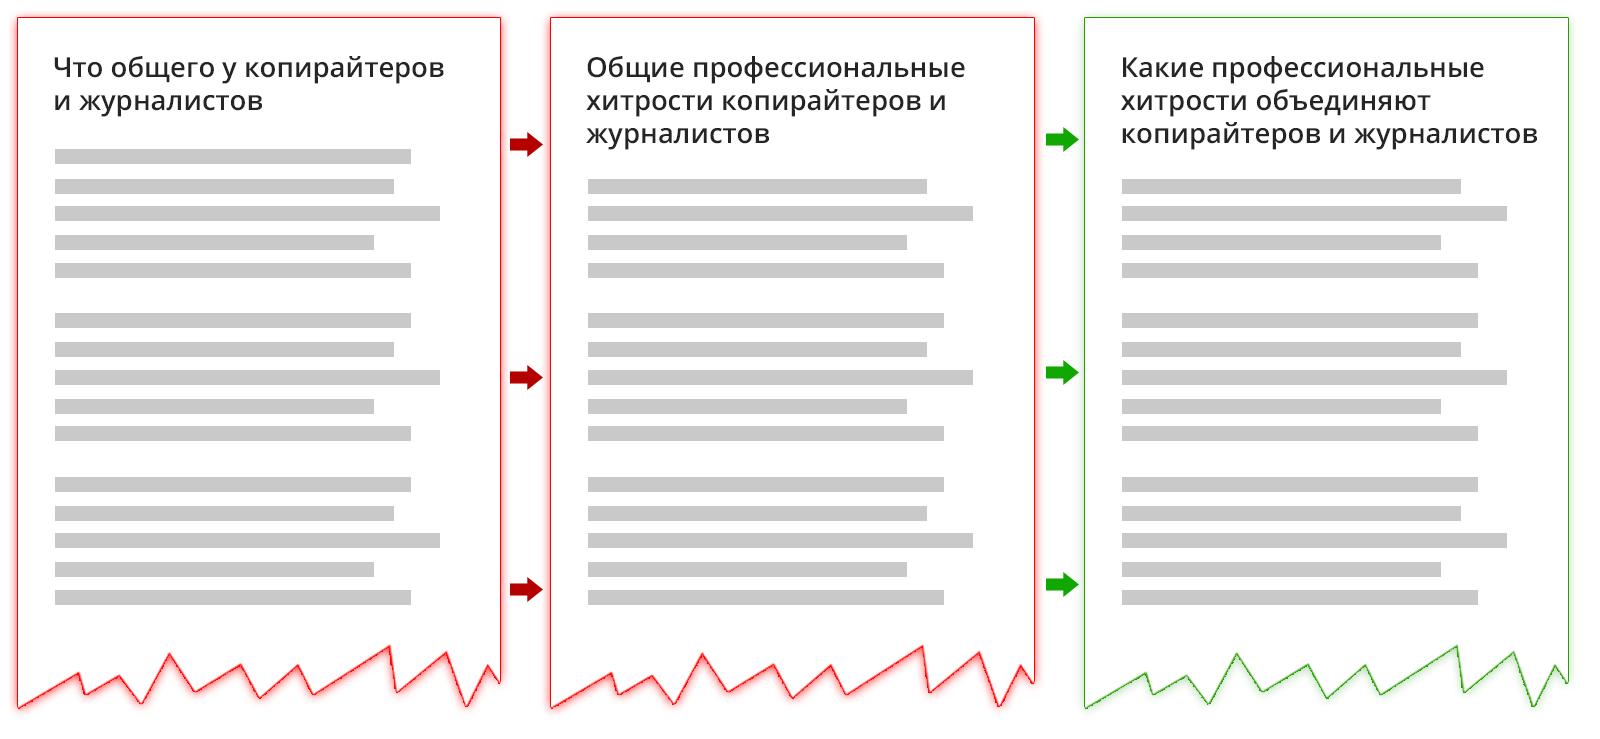 Какие профессиональные хитрости объединяют копирайтеров и журналистов